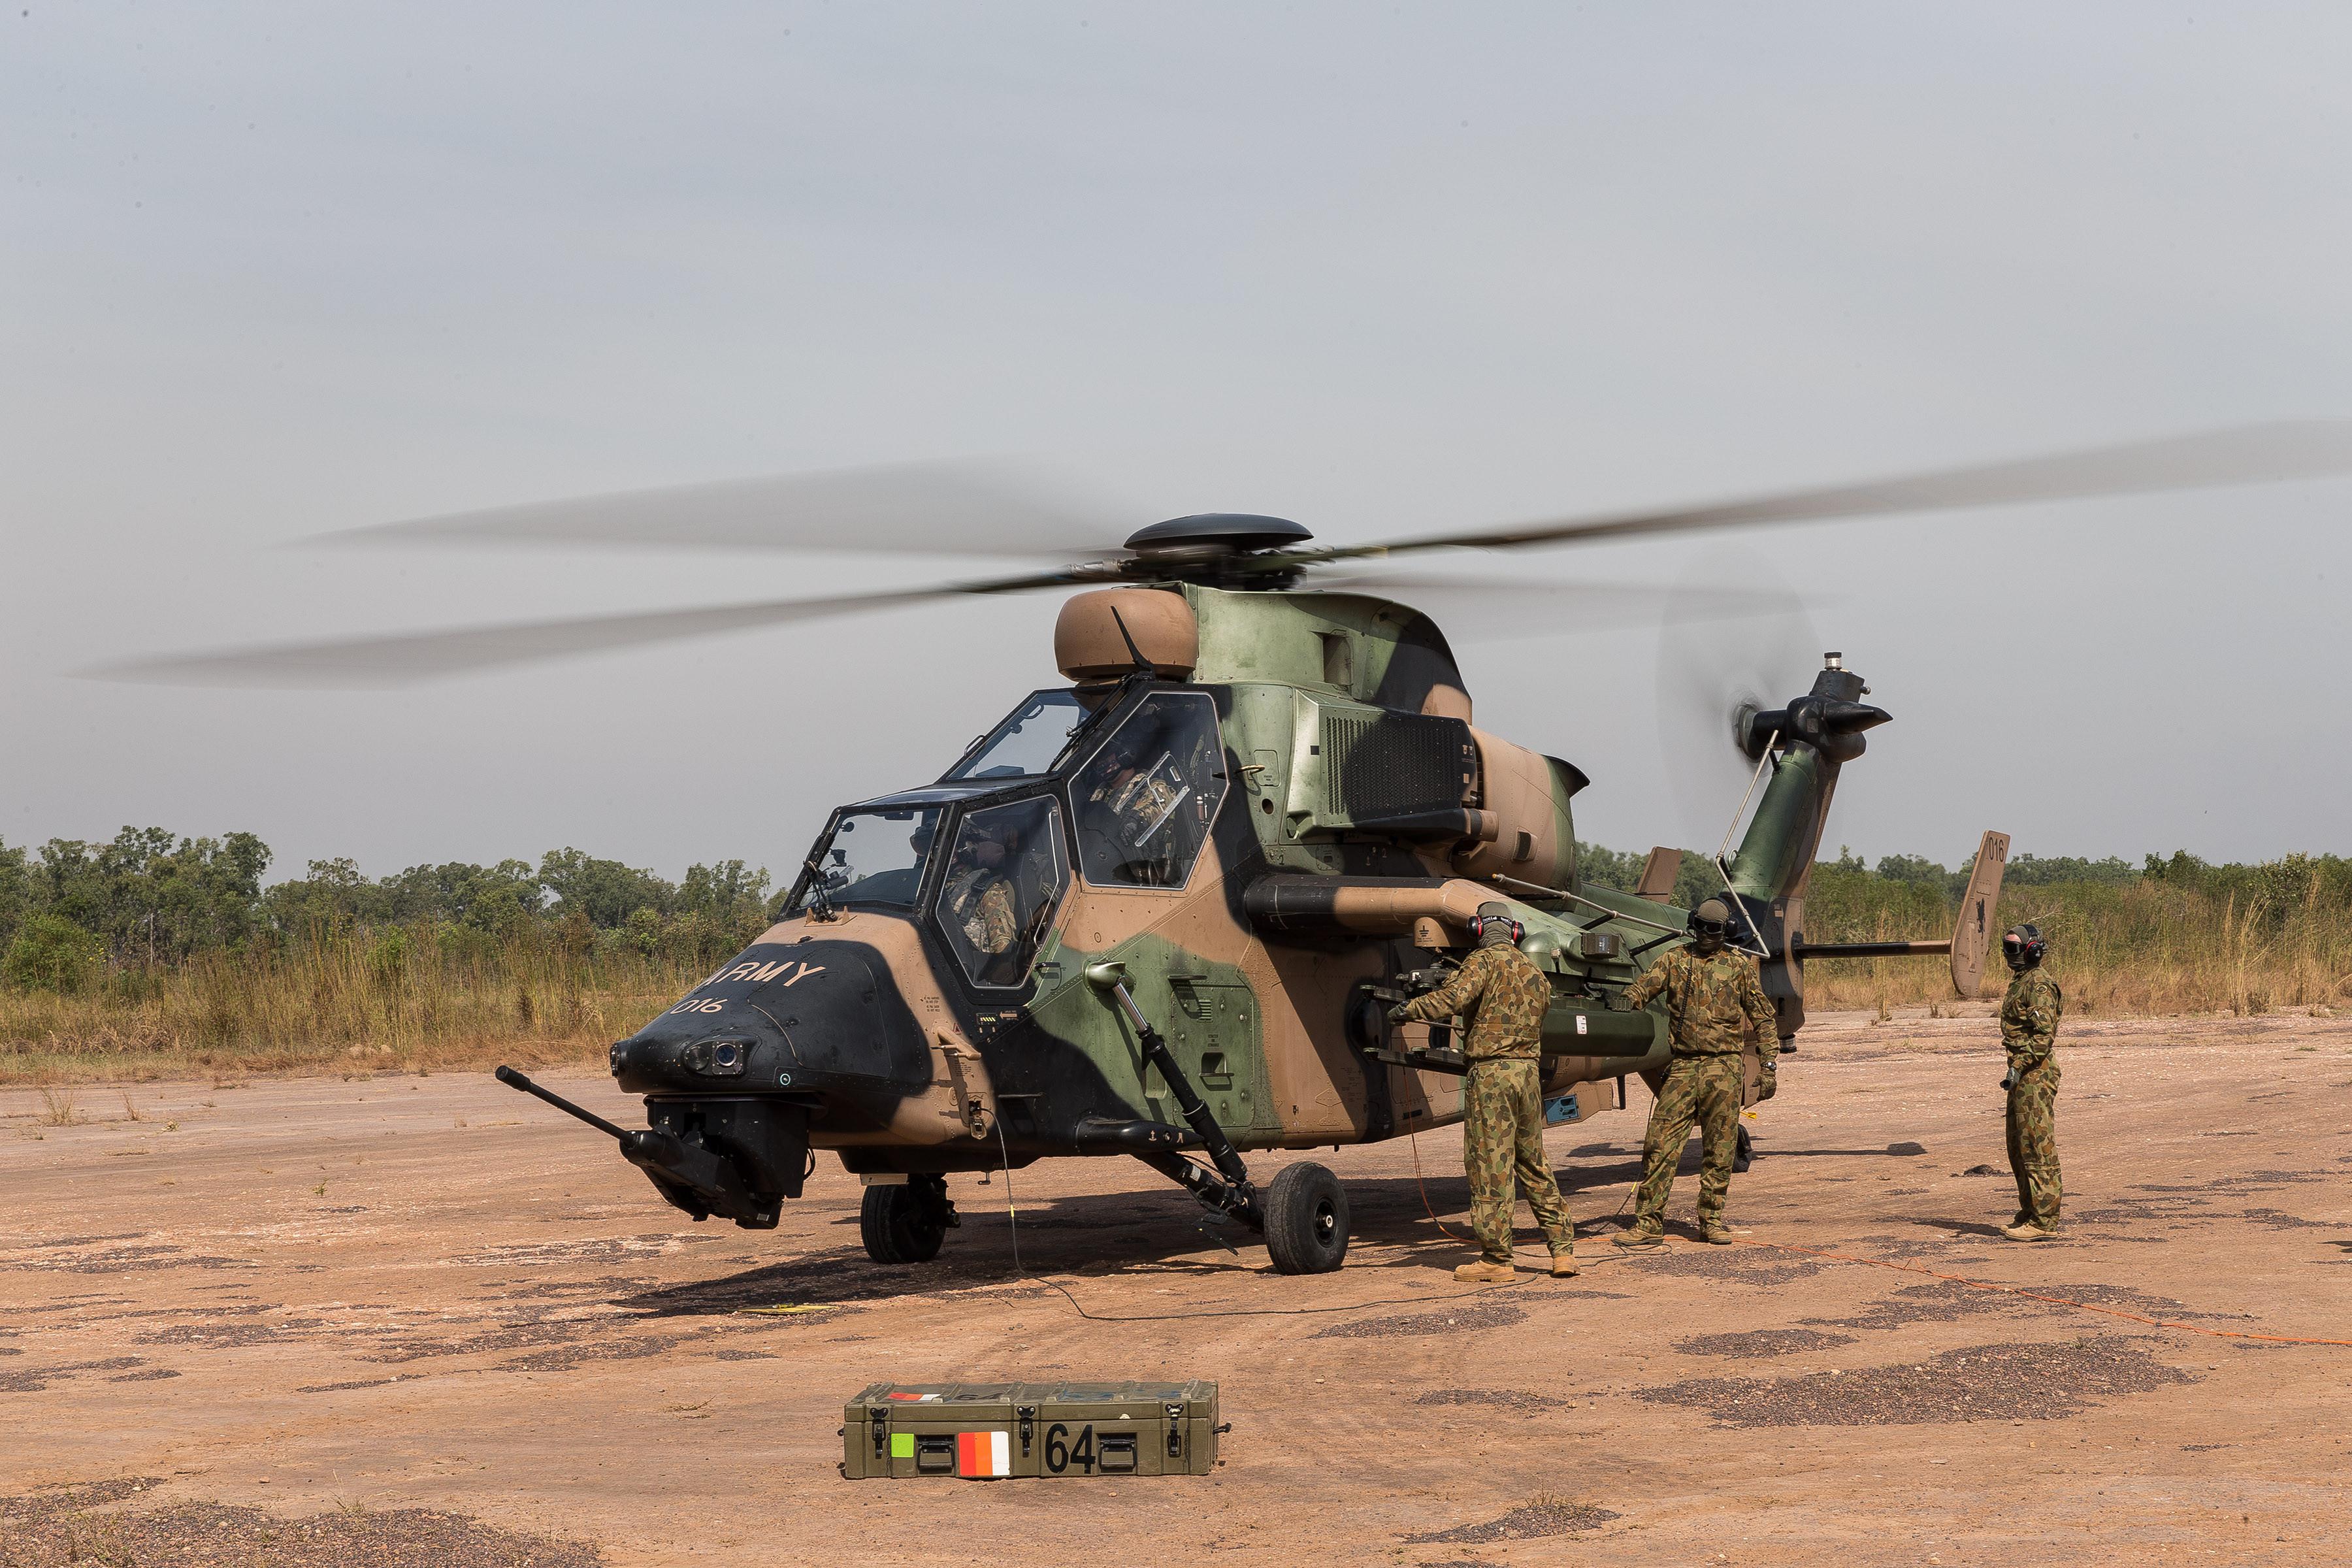 AH-64E,阿帕契守護者,波音,直升機,軍購,澳洲,ARH,美軍,軍武動態